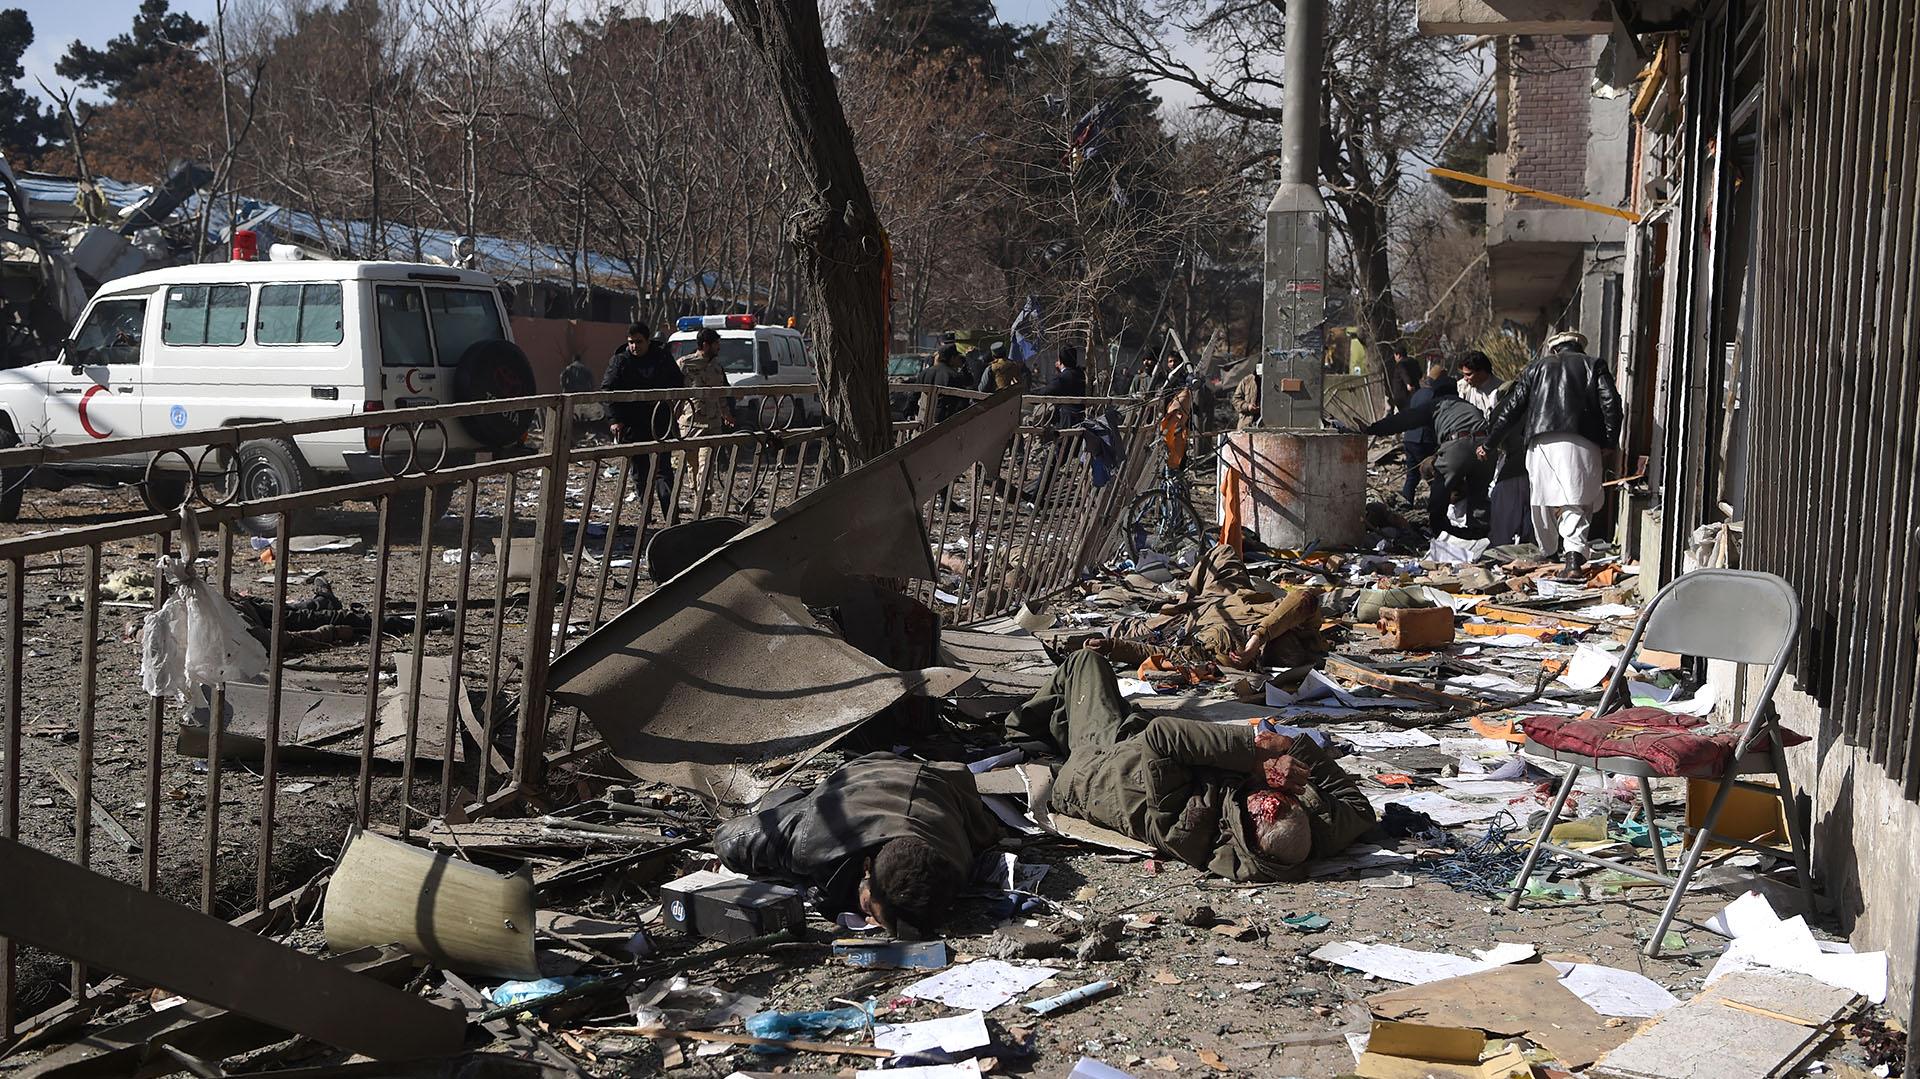 Voluntarios afganos cargan cuerpos tras la explosión frente al antiguo Ministerio del Interior en Kabul (AFP)